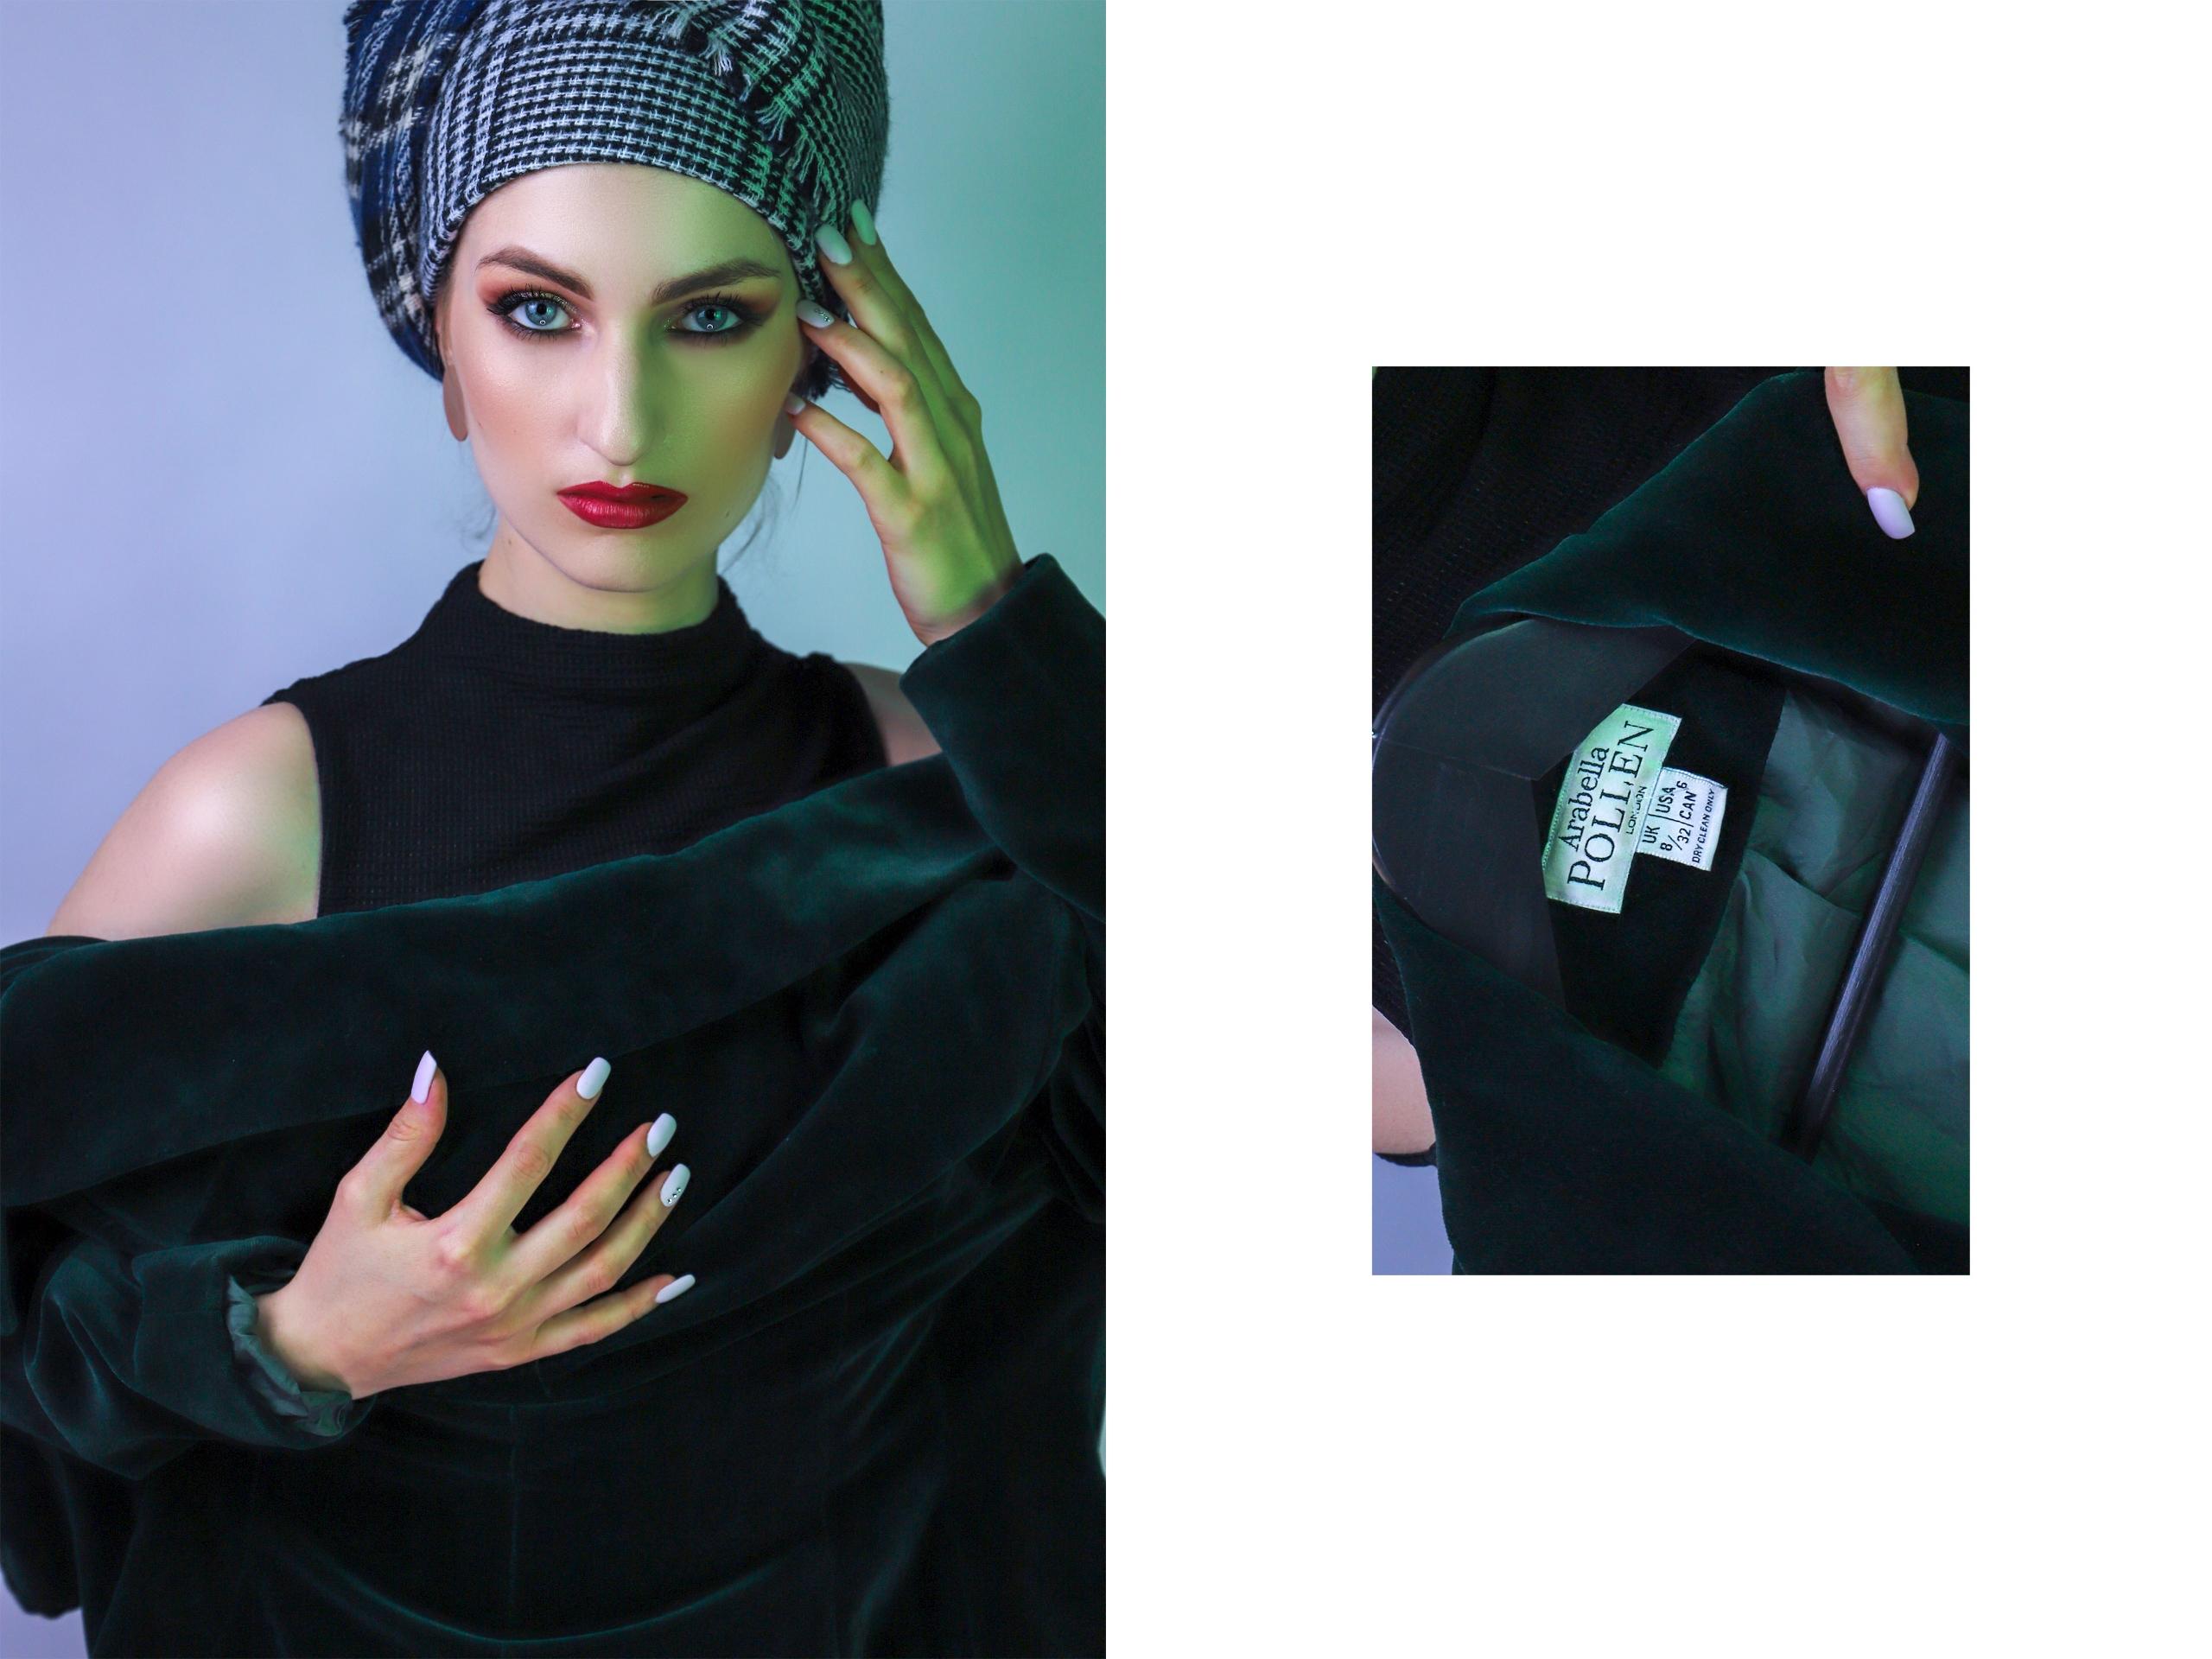 Obraz przedstawia zdjęcie kobiety z turbanem na głowie. Twarz kobiety oświetlona jest zielonym światłem. Z prawej strony znajduje się kadr na fragment ubrania.